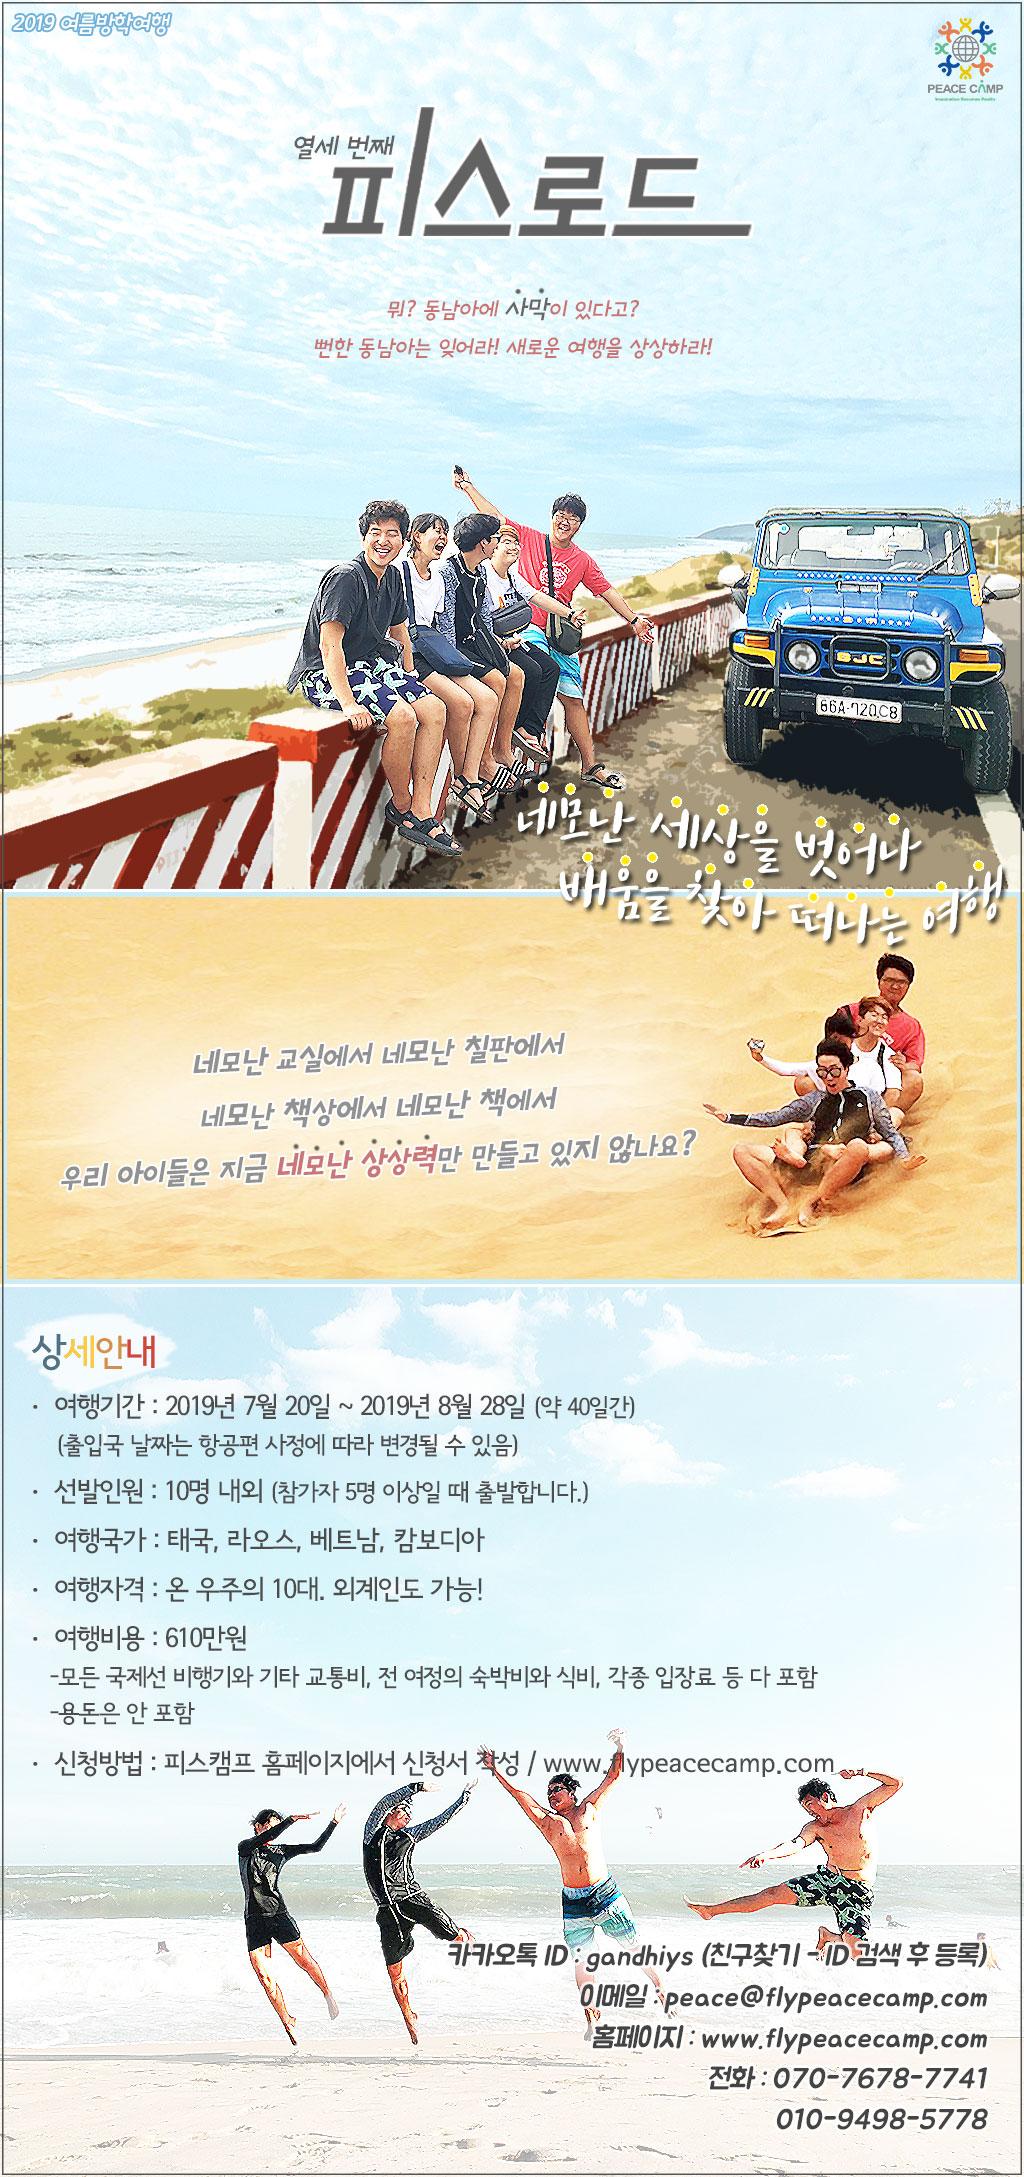 201907동남아로드-포스터1.jpg